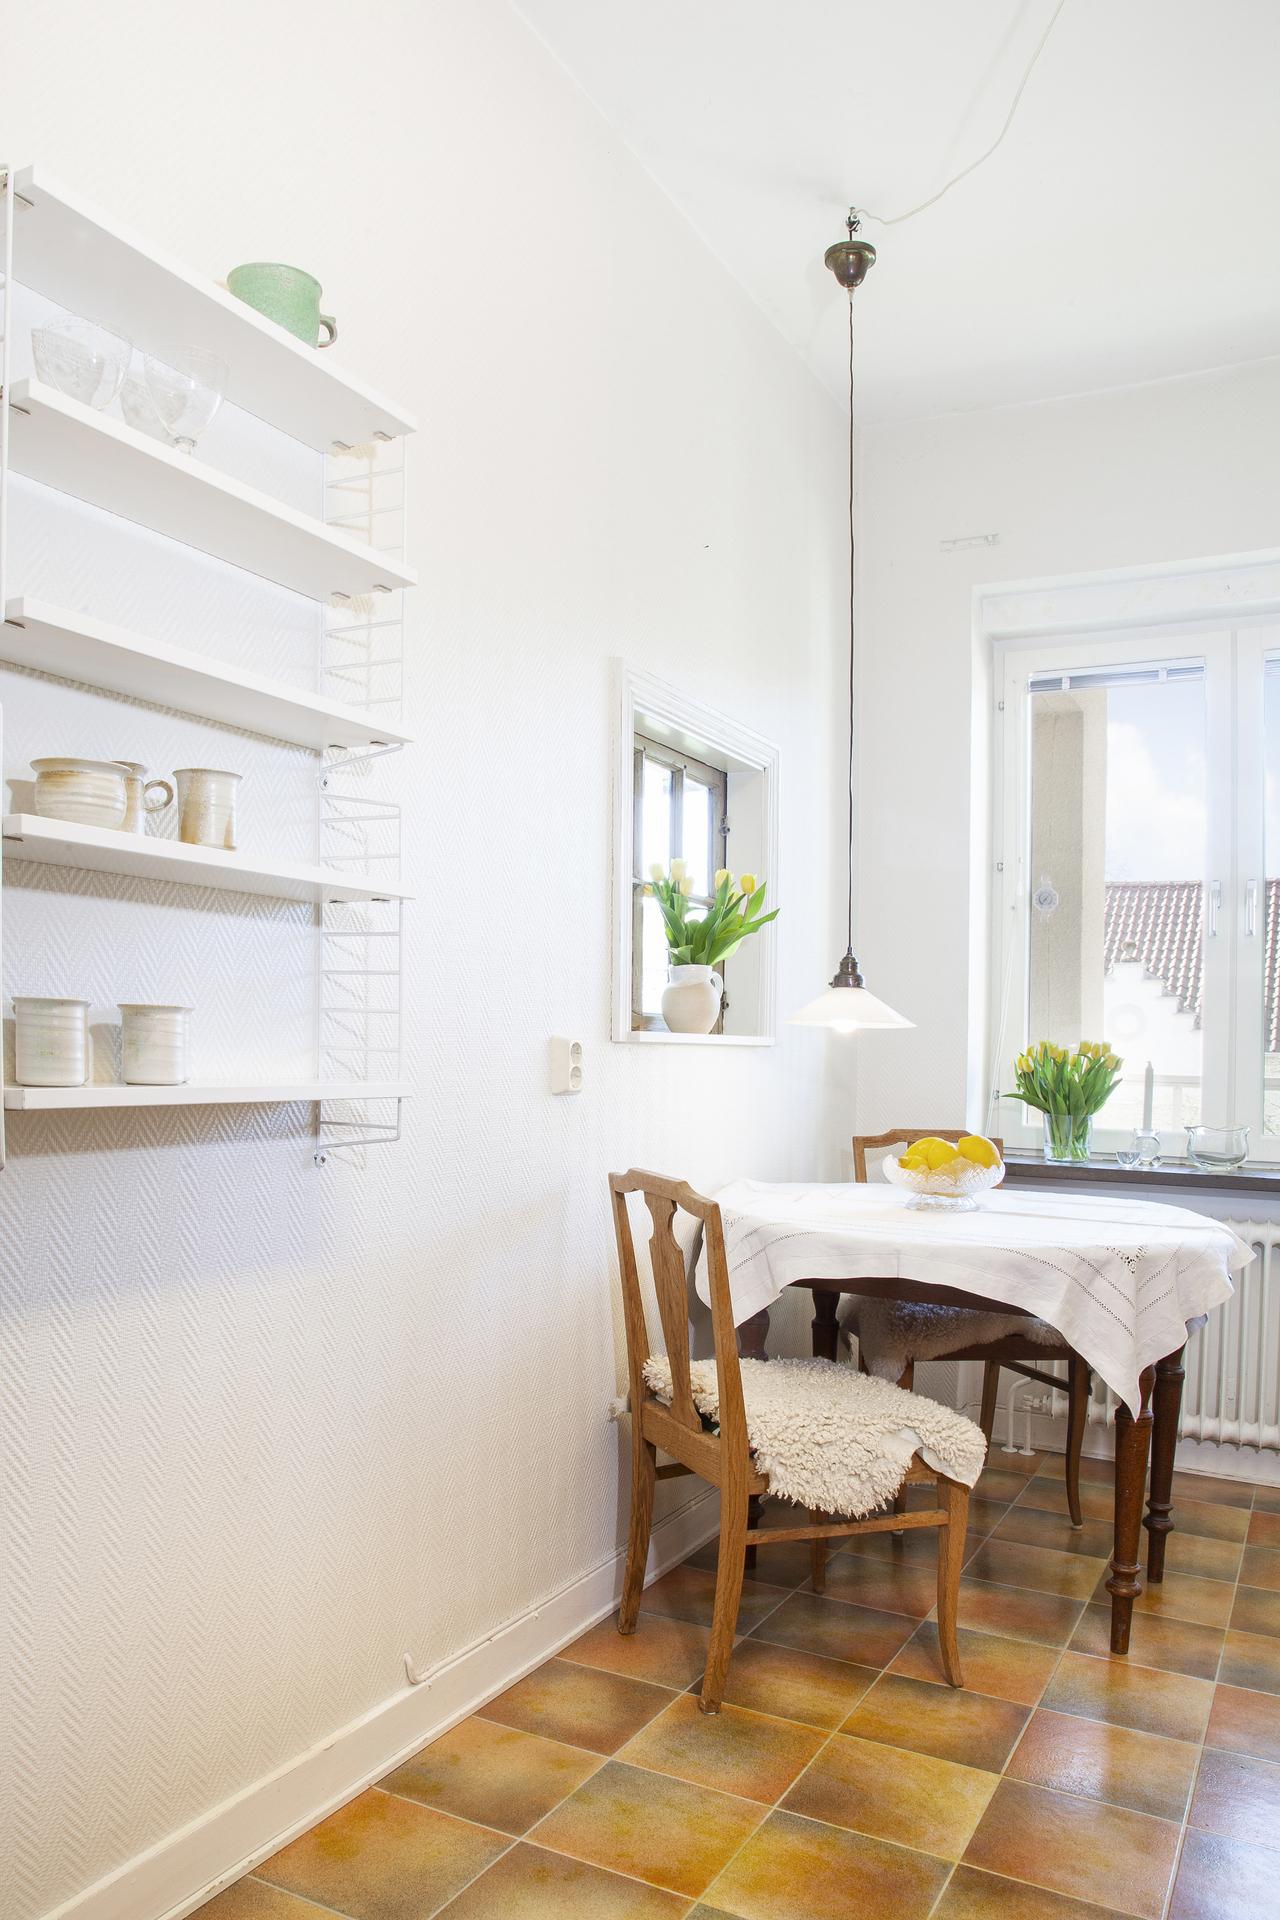 Åt andra hållet sett med rum för en mindre matplats varifrån man har access in mot vardagsrummet via fönster i väggen